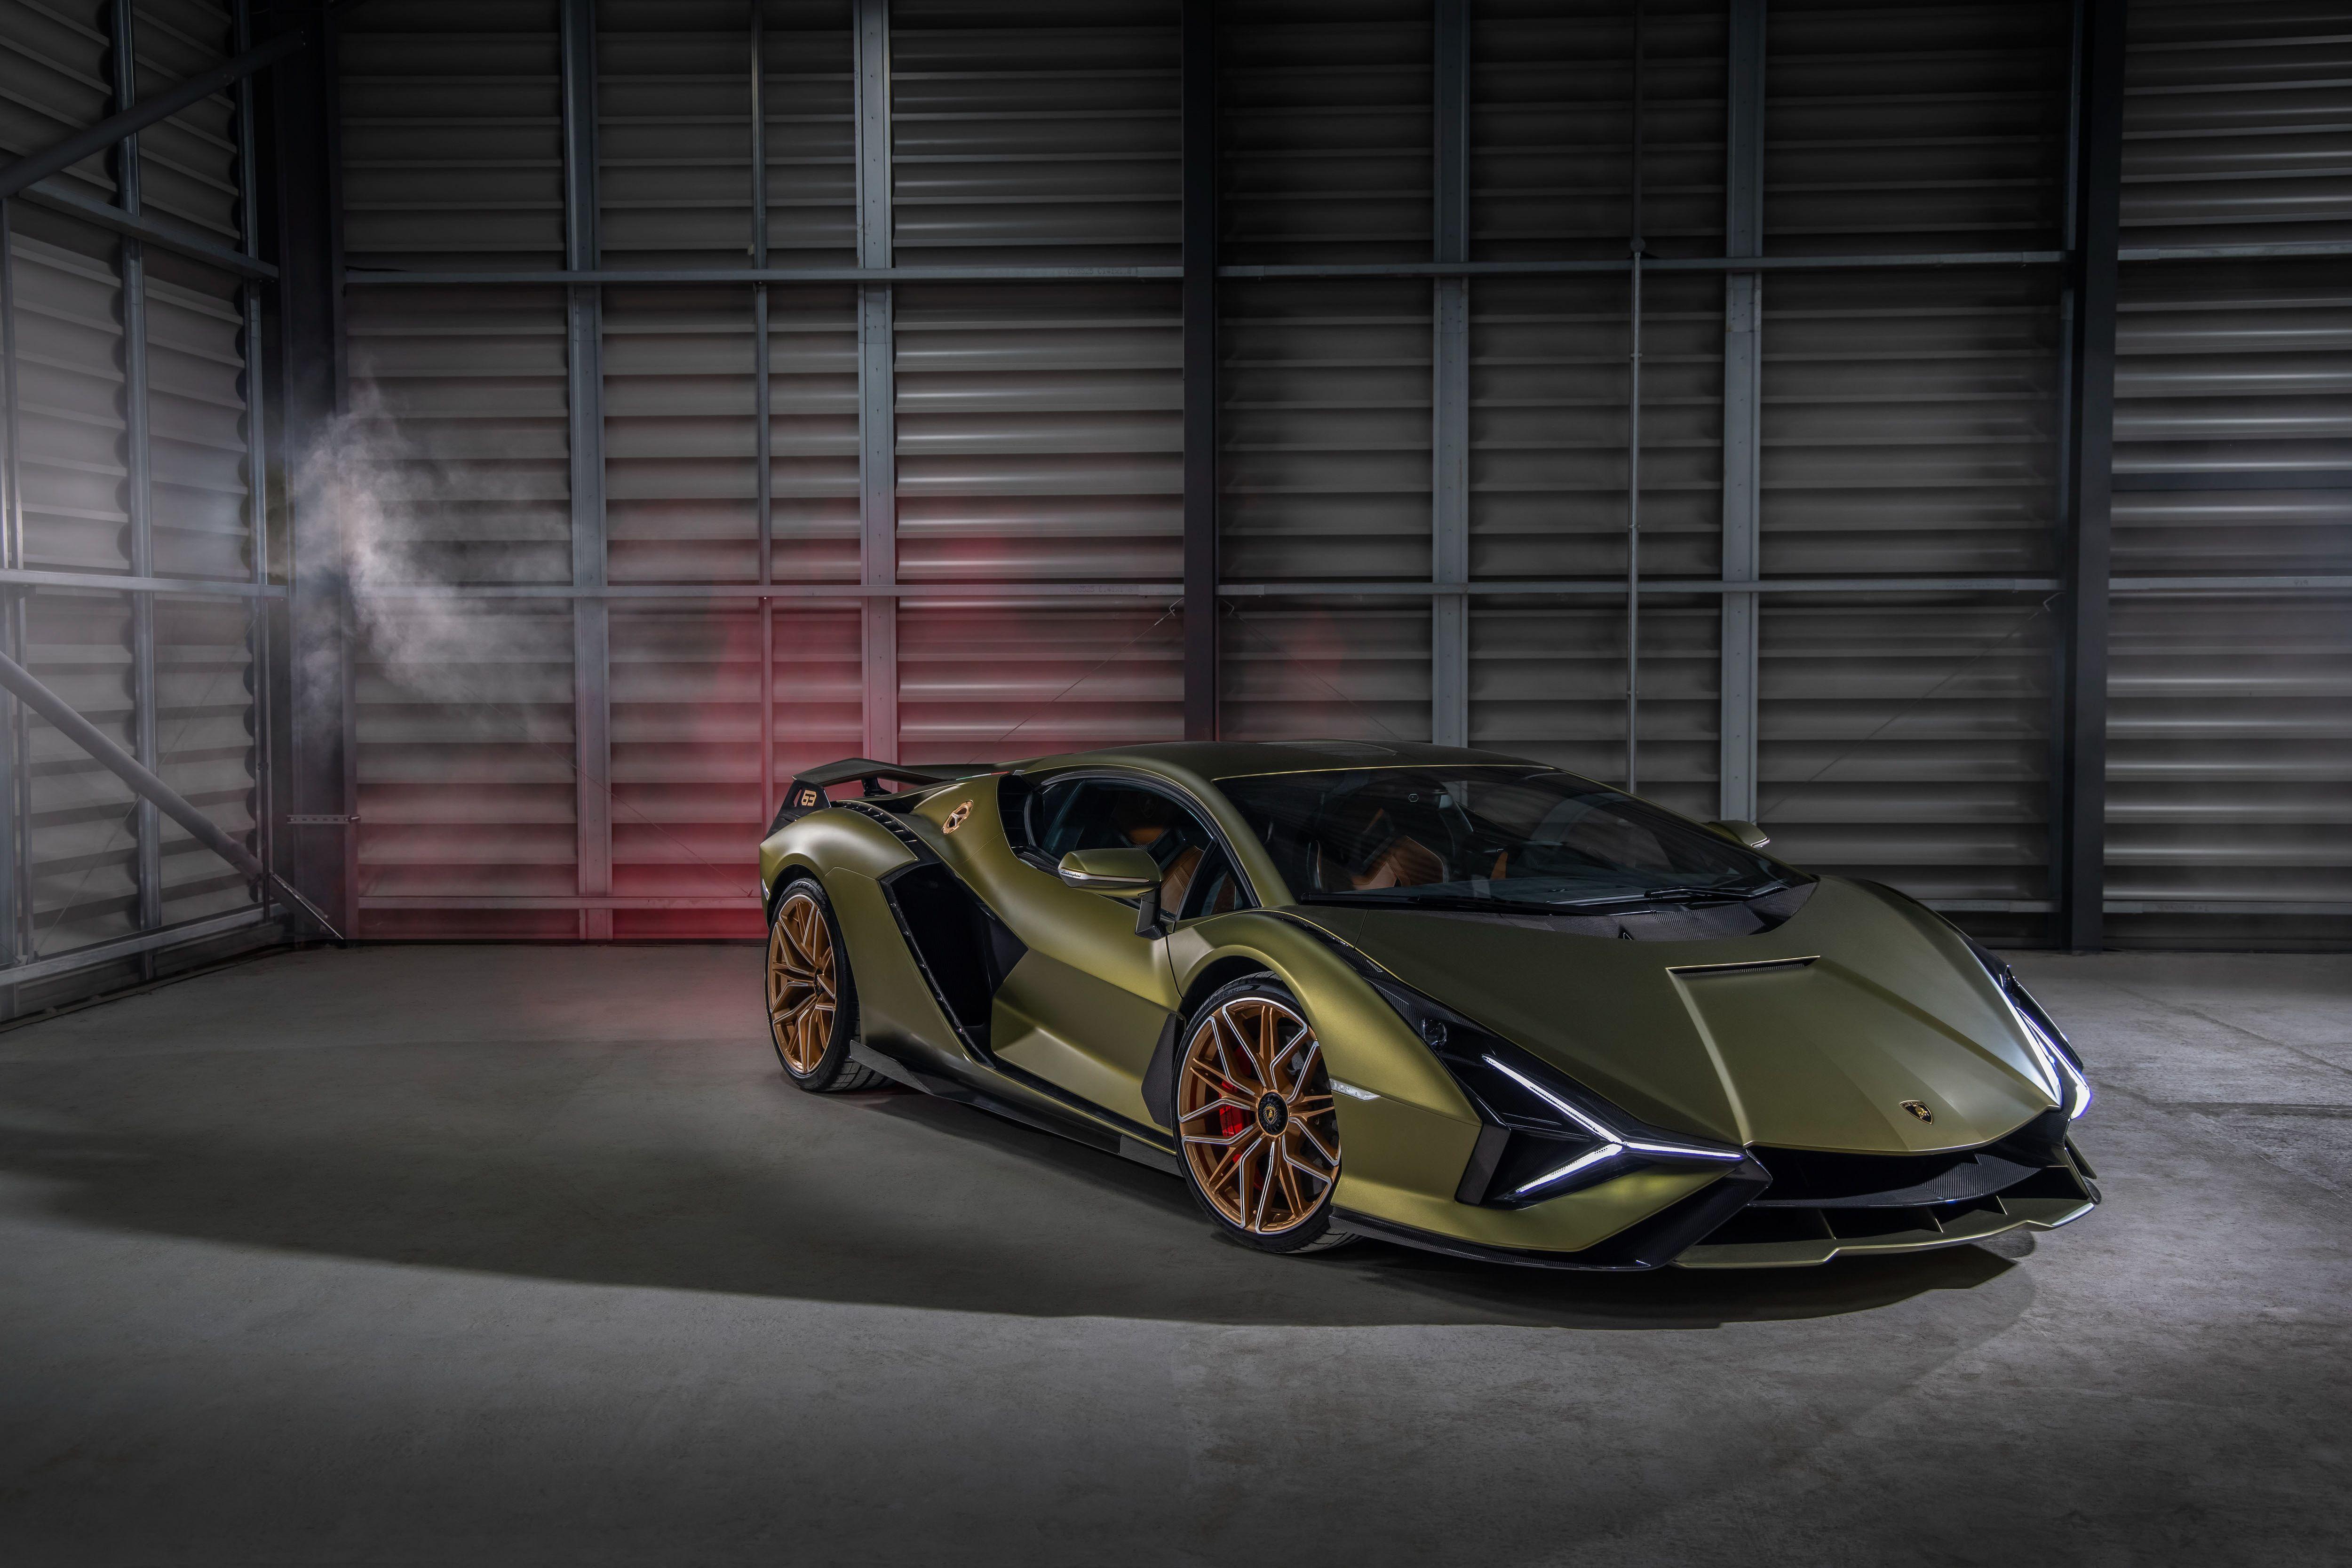 lamborghini sian 2021 4k 1618920700 - Lamborghini Sian 2021 4k - Lamborghini Sian 2021 4k wallpapers